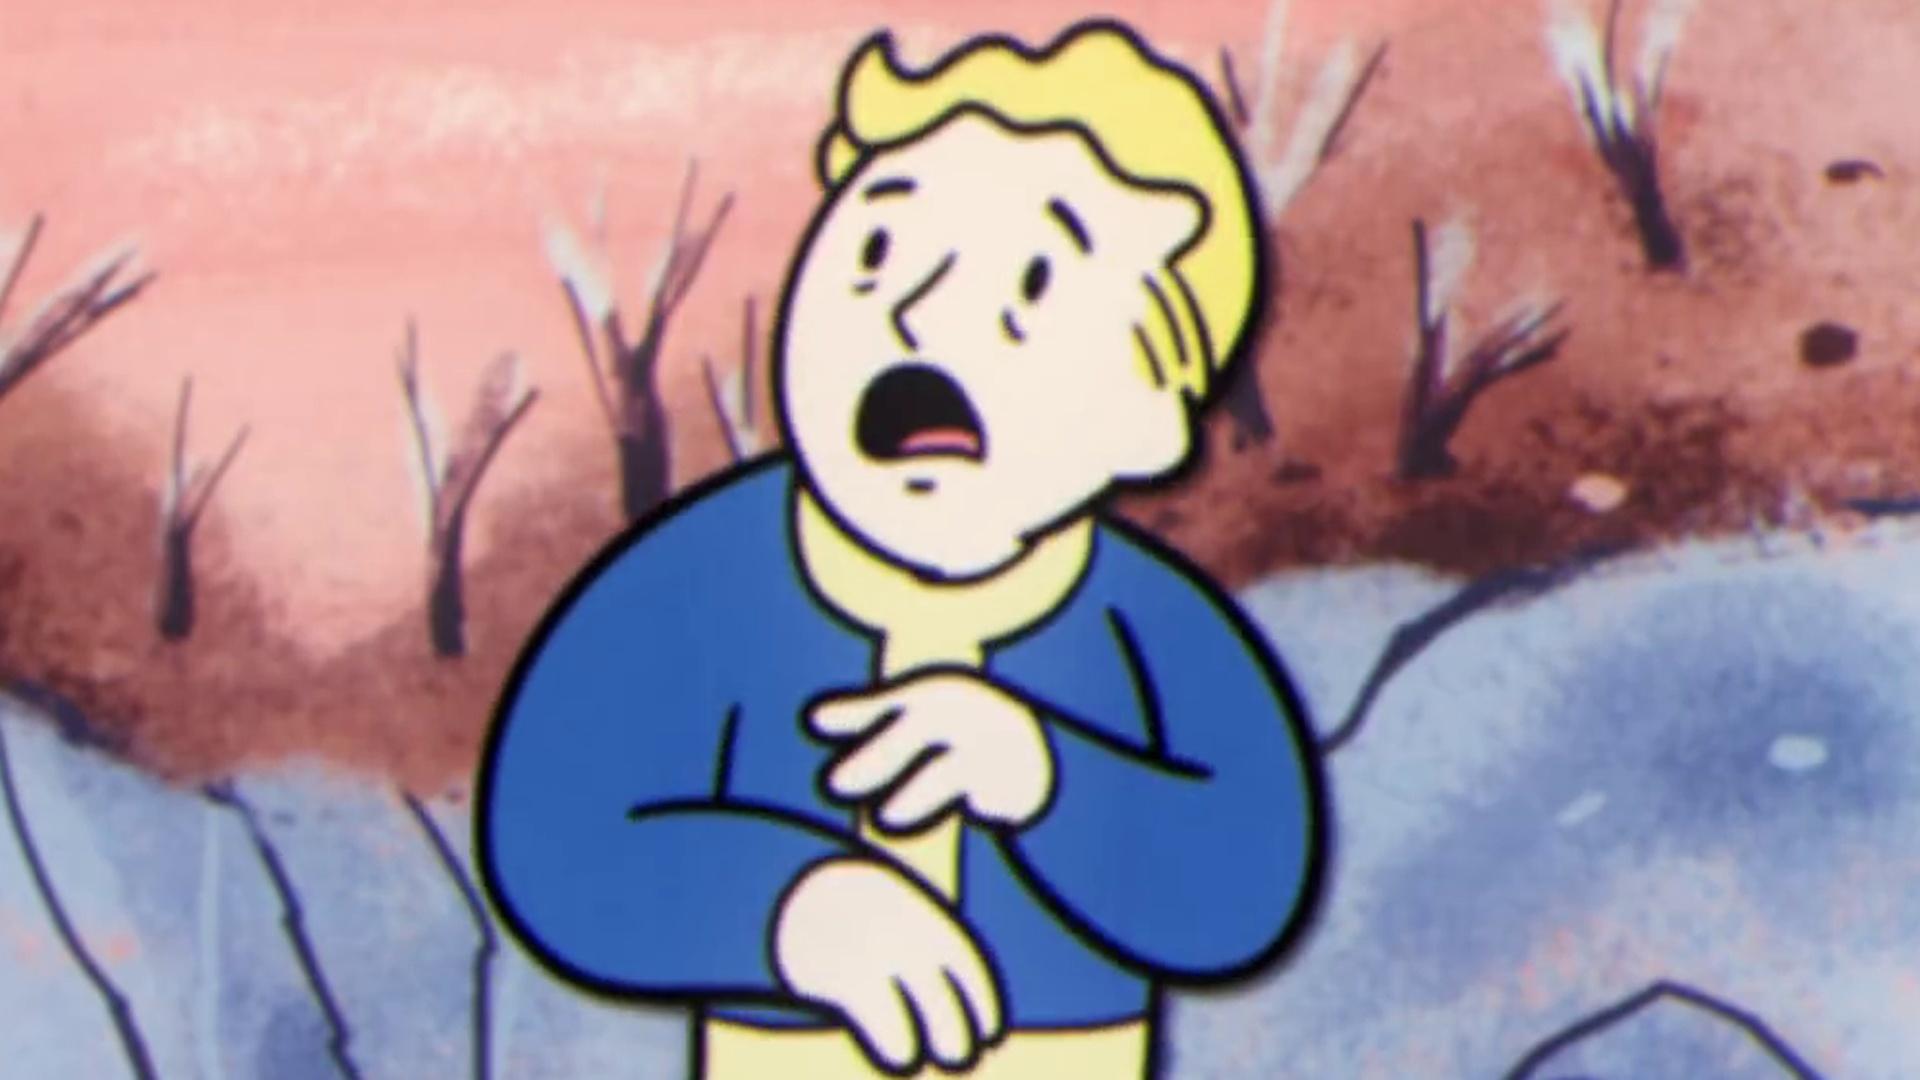 YouTuber prangert Fallout 76 an, nennt es Betrug – Hat viel Erfolg